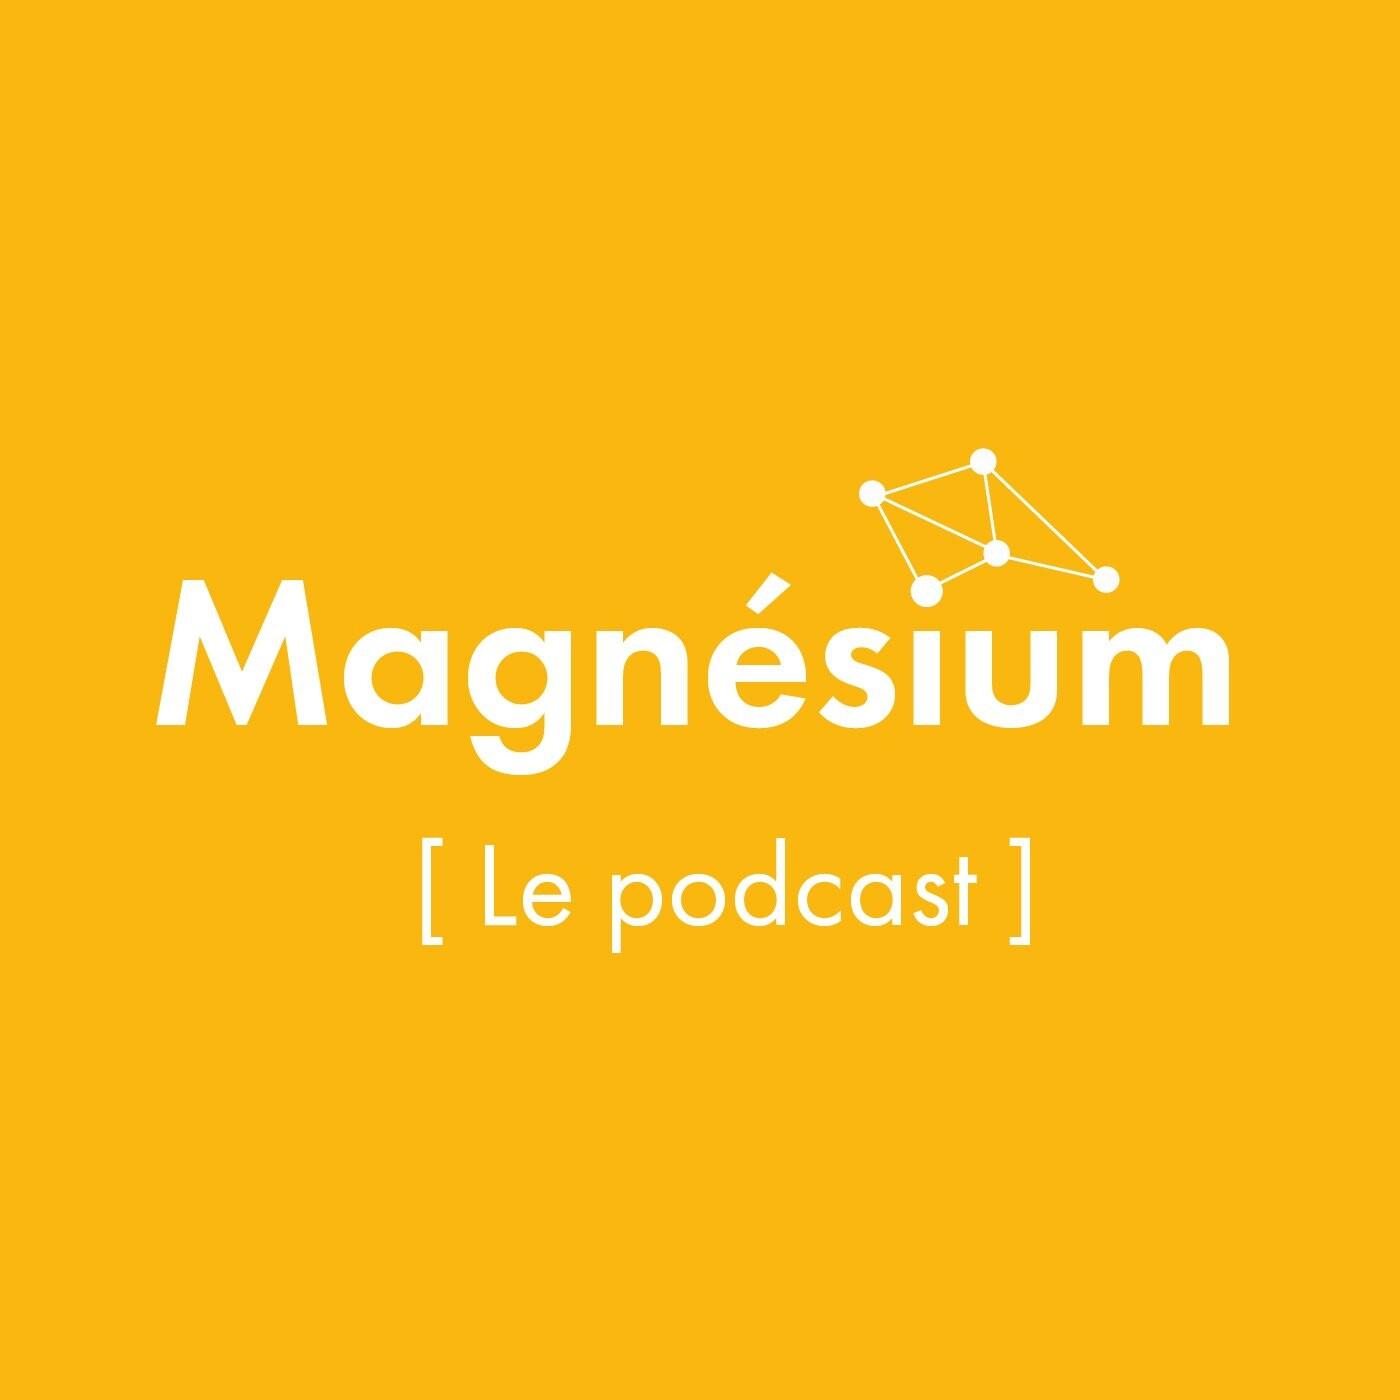 #magnesium 02 - Serge Le Boulch, Président et Fondateur de Récipro Cité pour l'habitat intergénérationnel